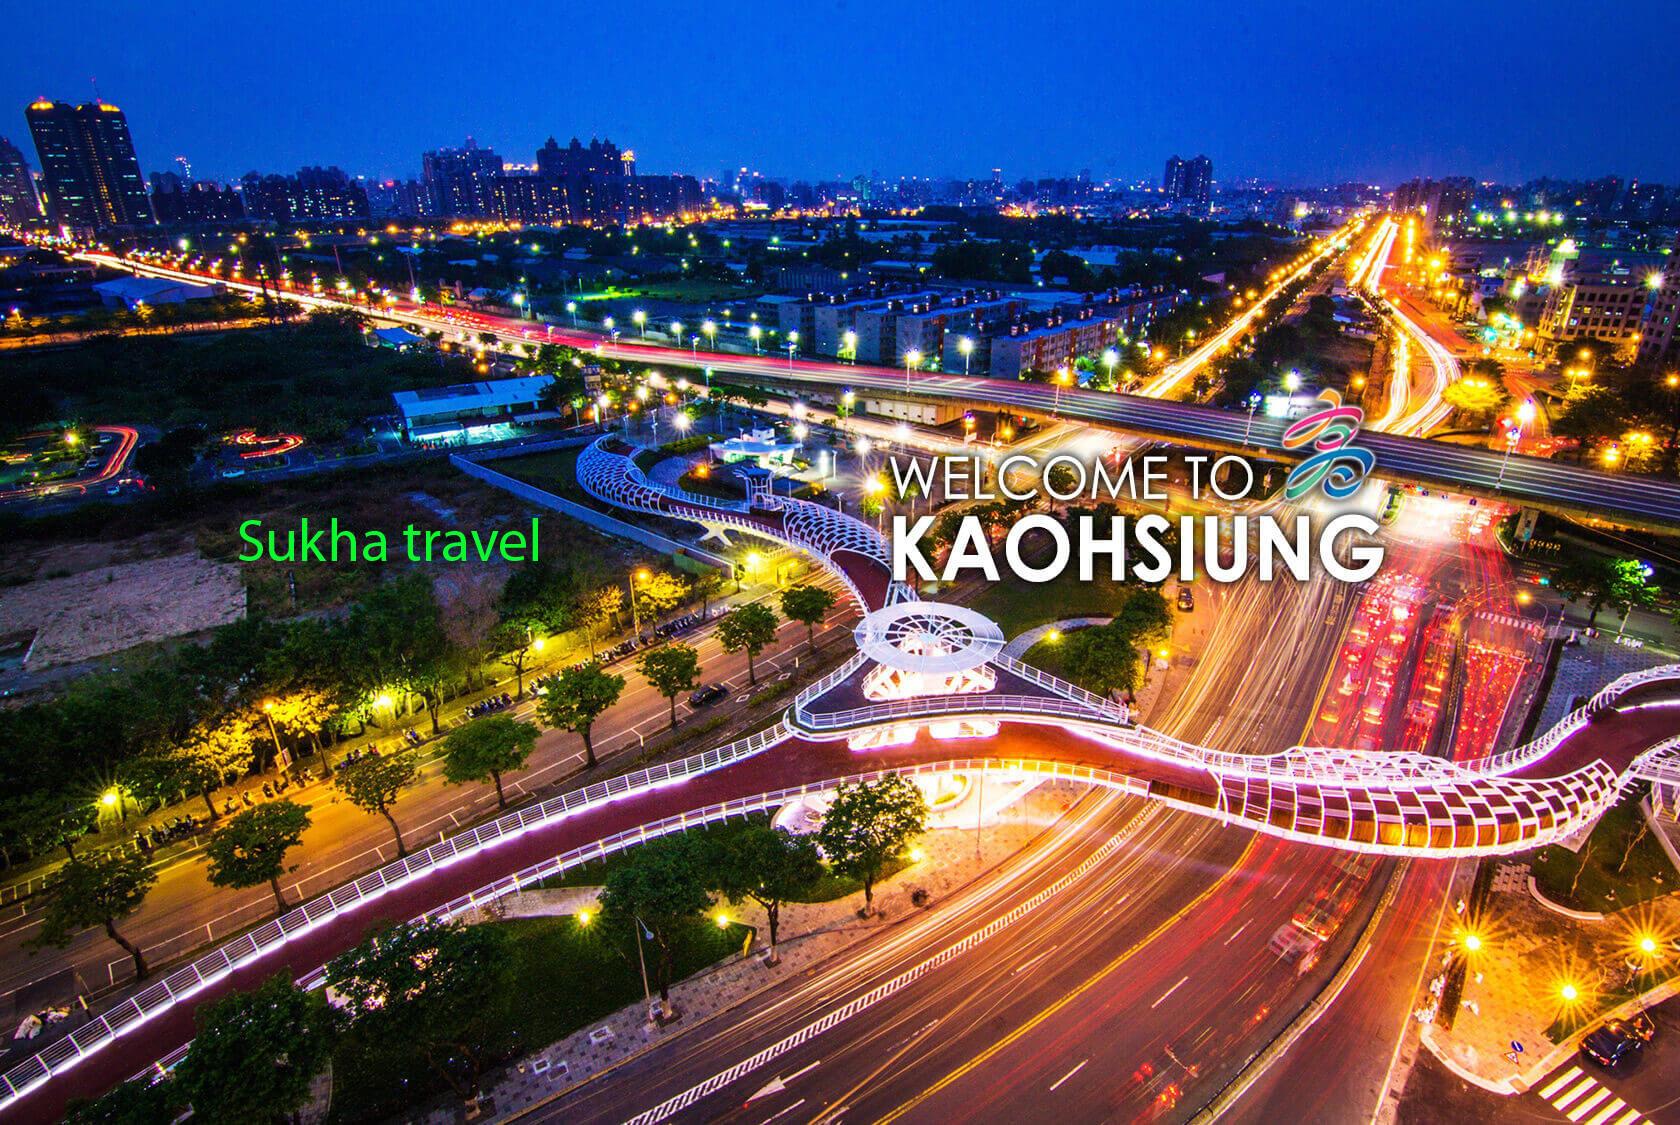 du-lich-dai-loan-sukha-travel